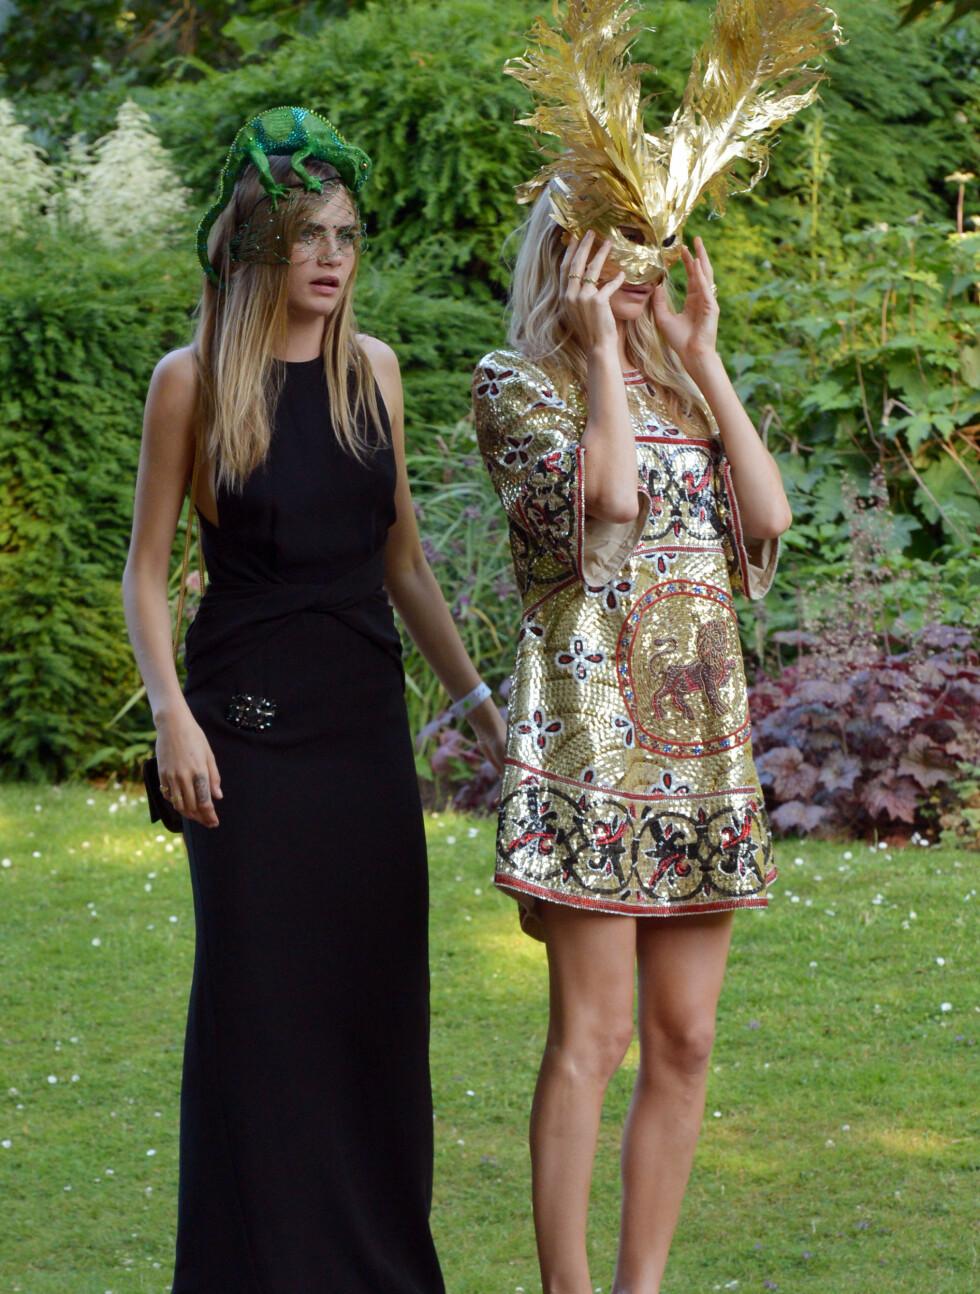 FLOTTE SØSTRE: Både Cara og Poppy Delevingne (t.h) tok seg svært godt ut i sine dyreinspirerte antrekk på festen på Clarence House i London.  Foto: All Over Press